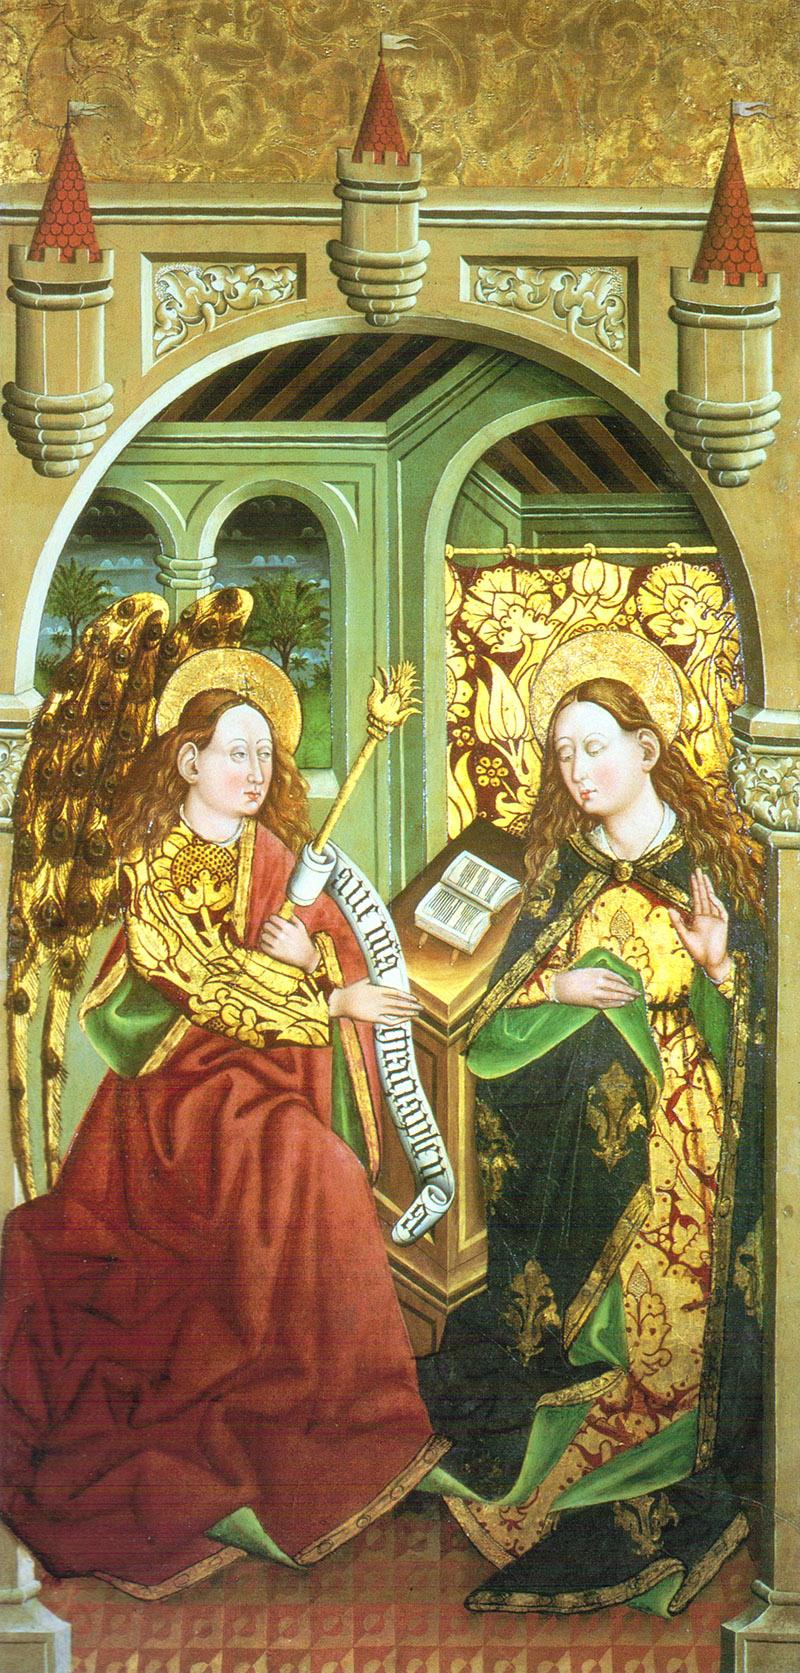 La anunciación, 1463-65 Juan Sánchez